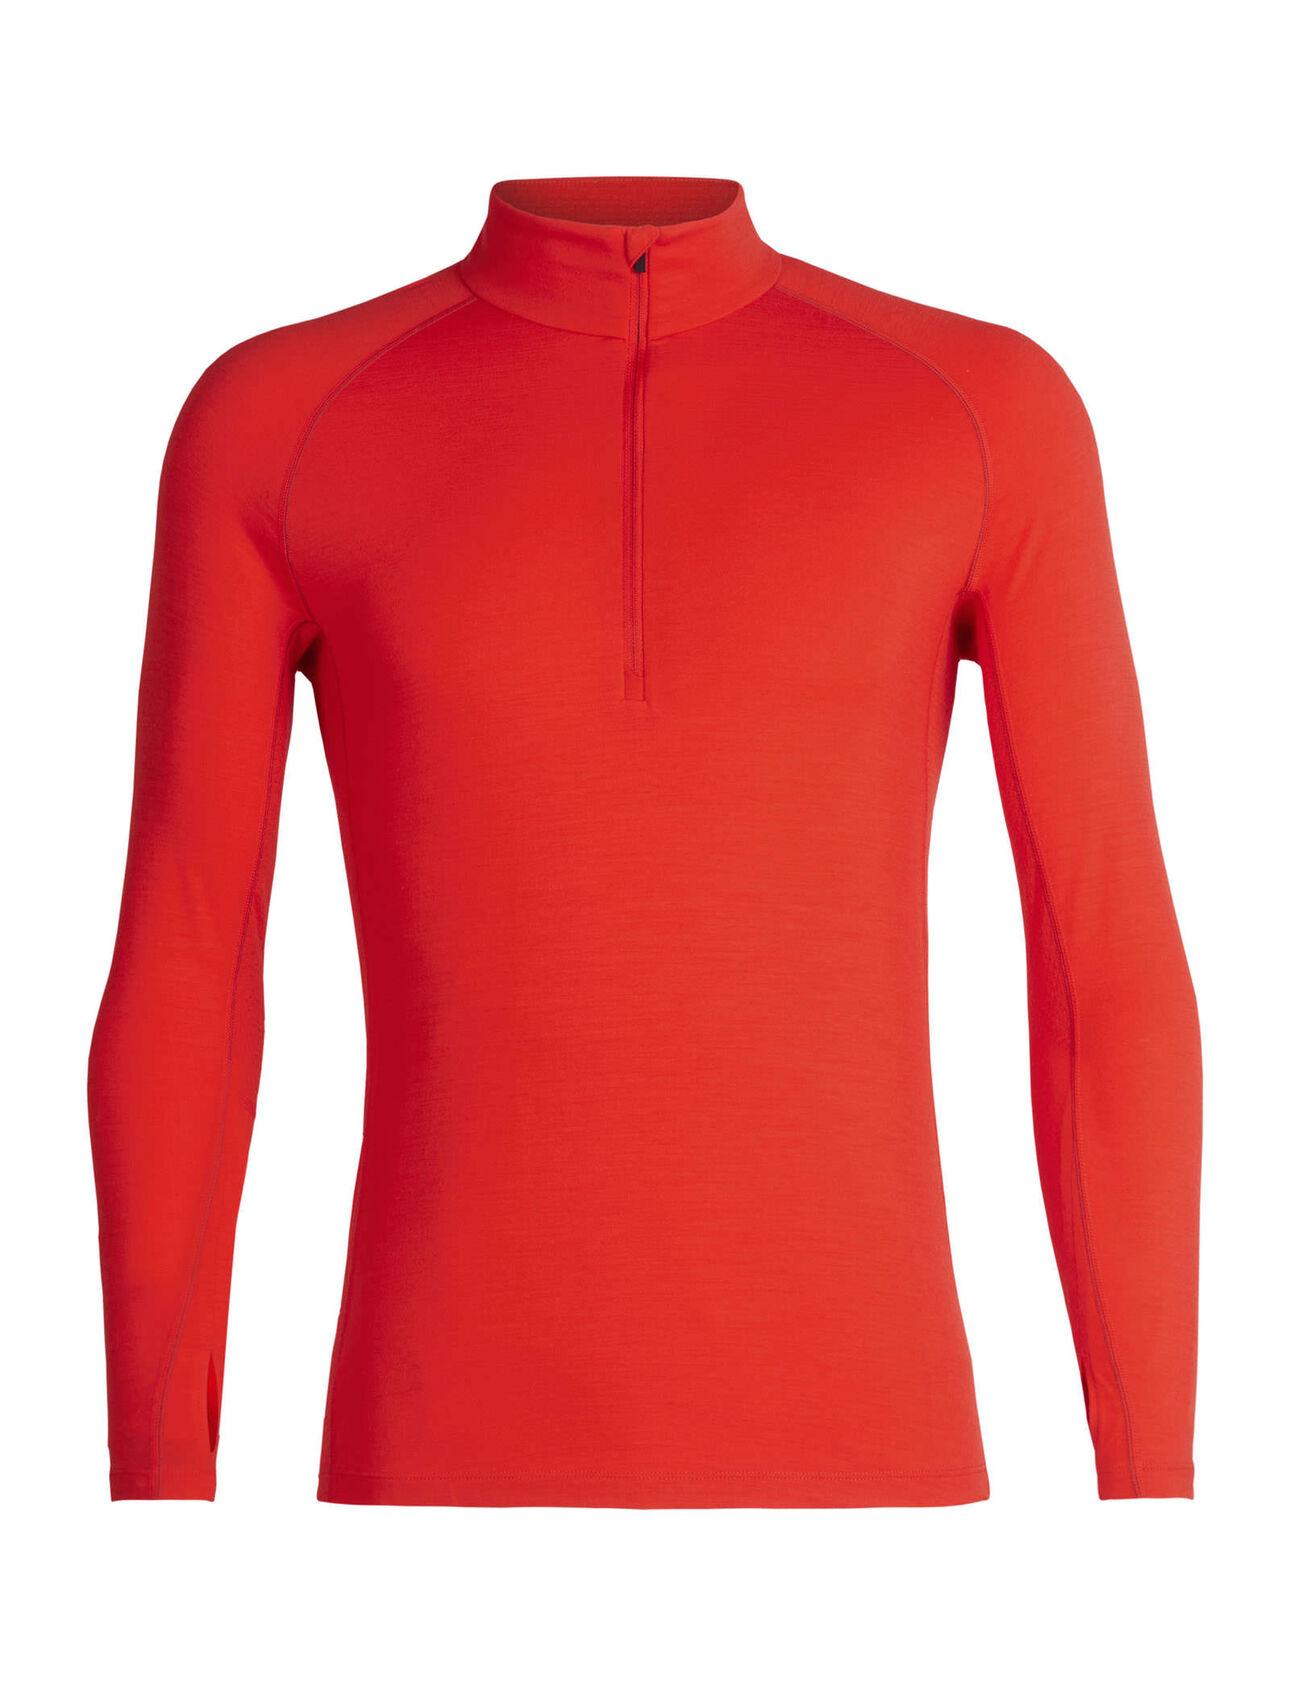 BodyfitZone™美丽诺羊毛200 Zone长袖保暖半拉链上衣